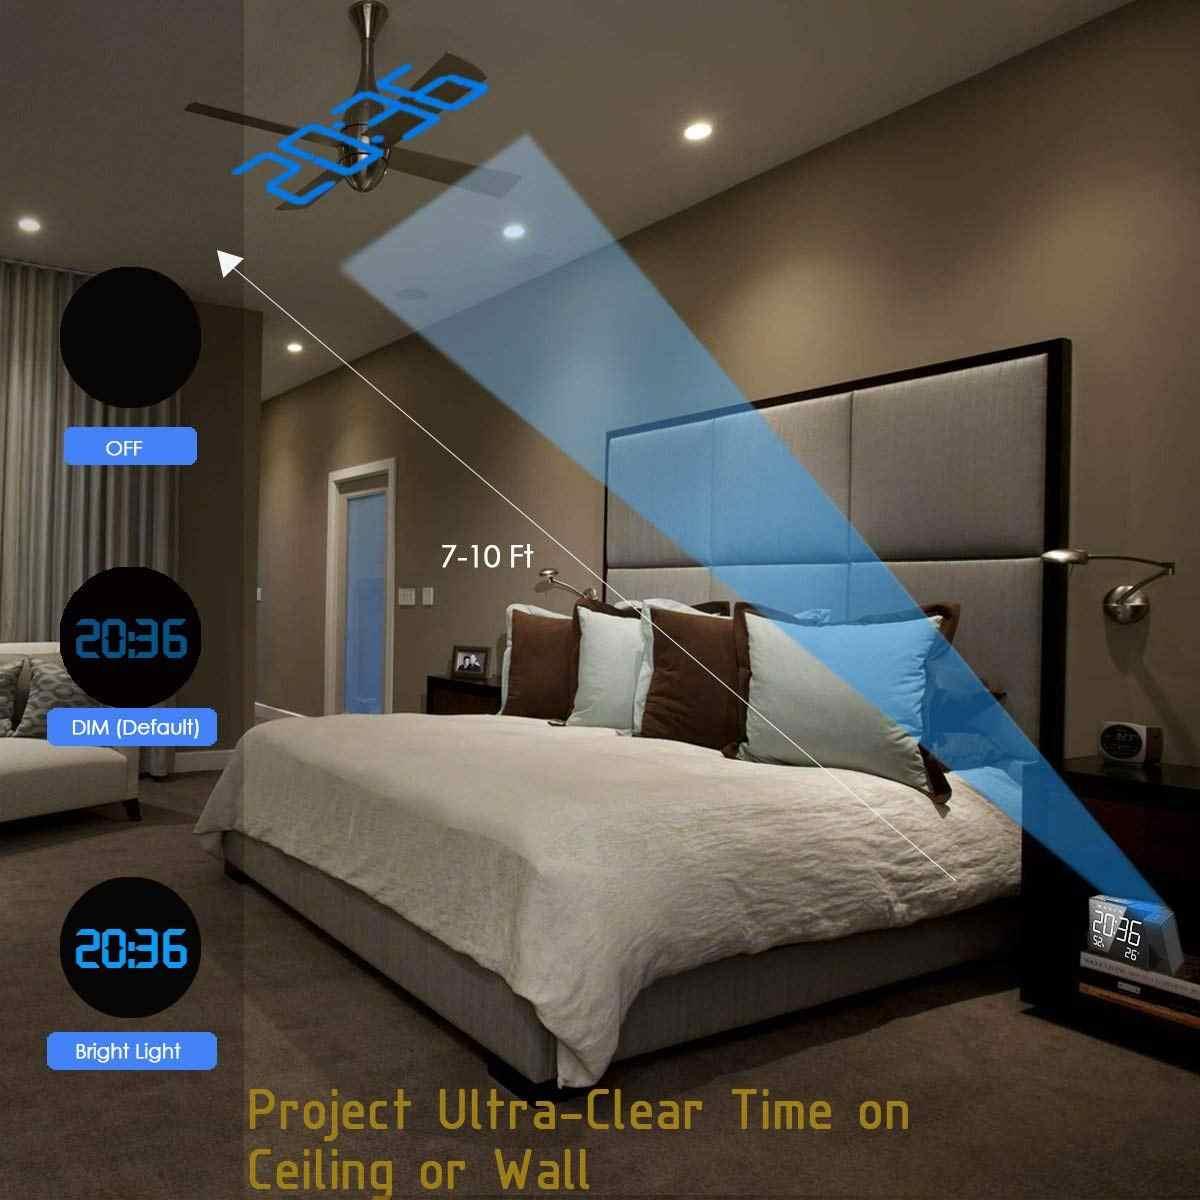 Проекционный Будильник цифровой fm-радио двойной будильник громкость Повтор времени влажности температуры дисплей многофункциональные светодиодные часы